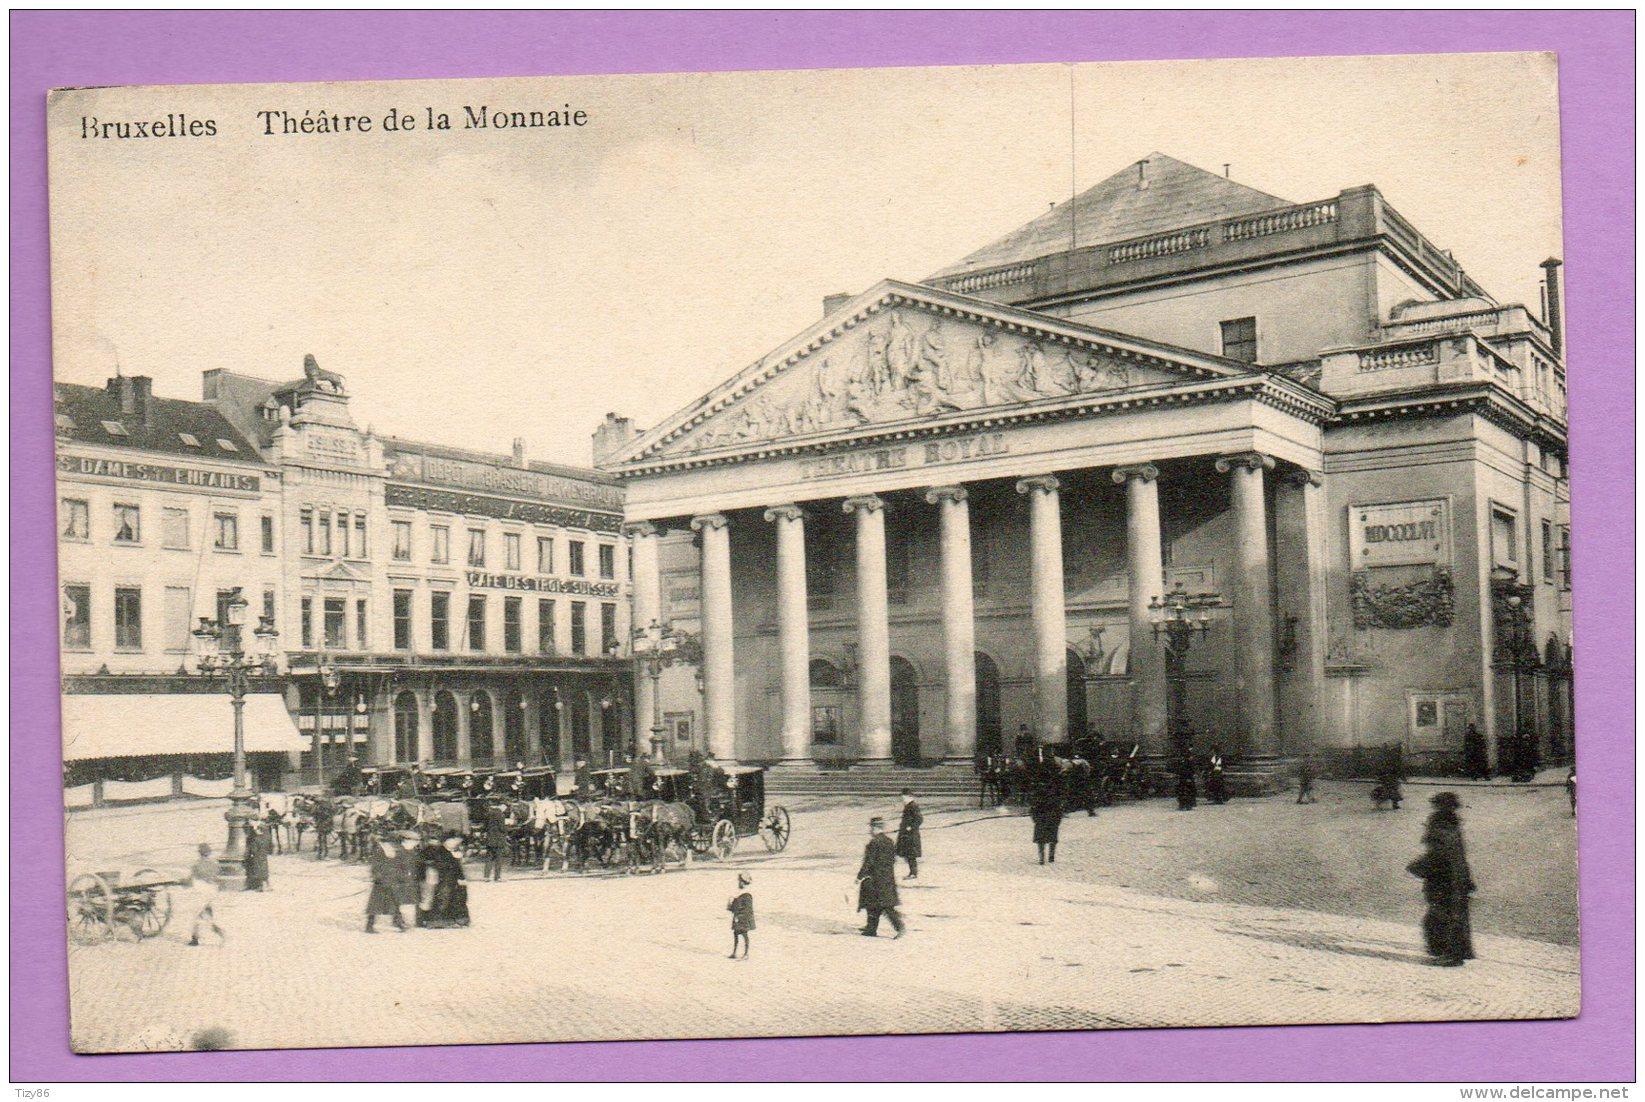 Bruxelles-Theatre De La Monnaie - Belgio